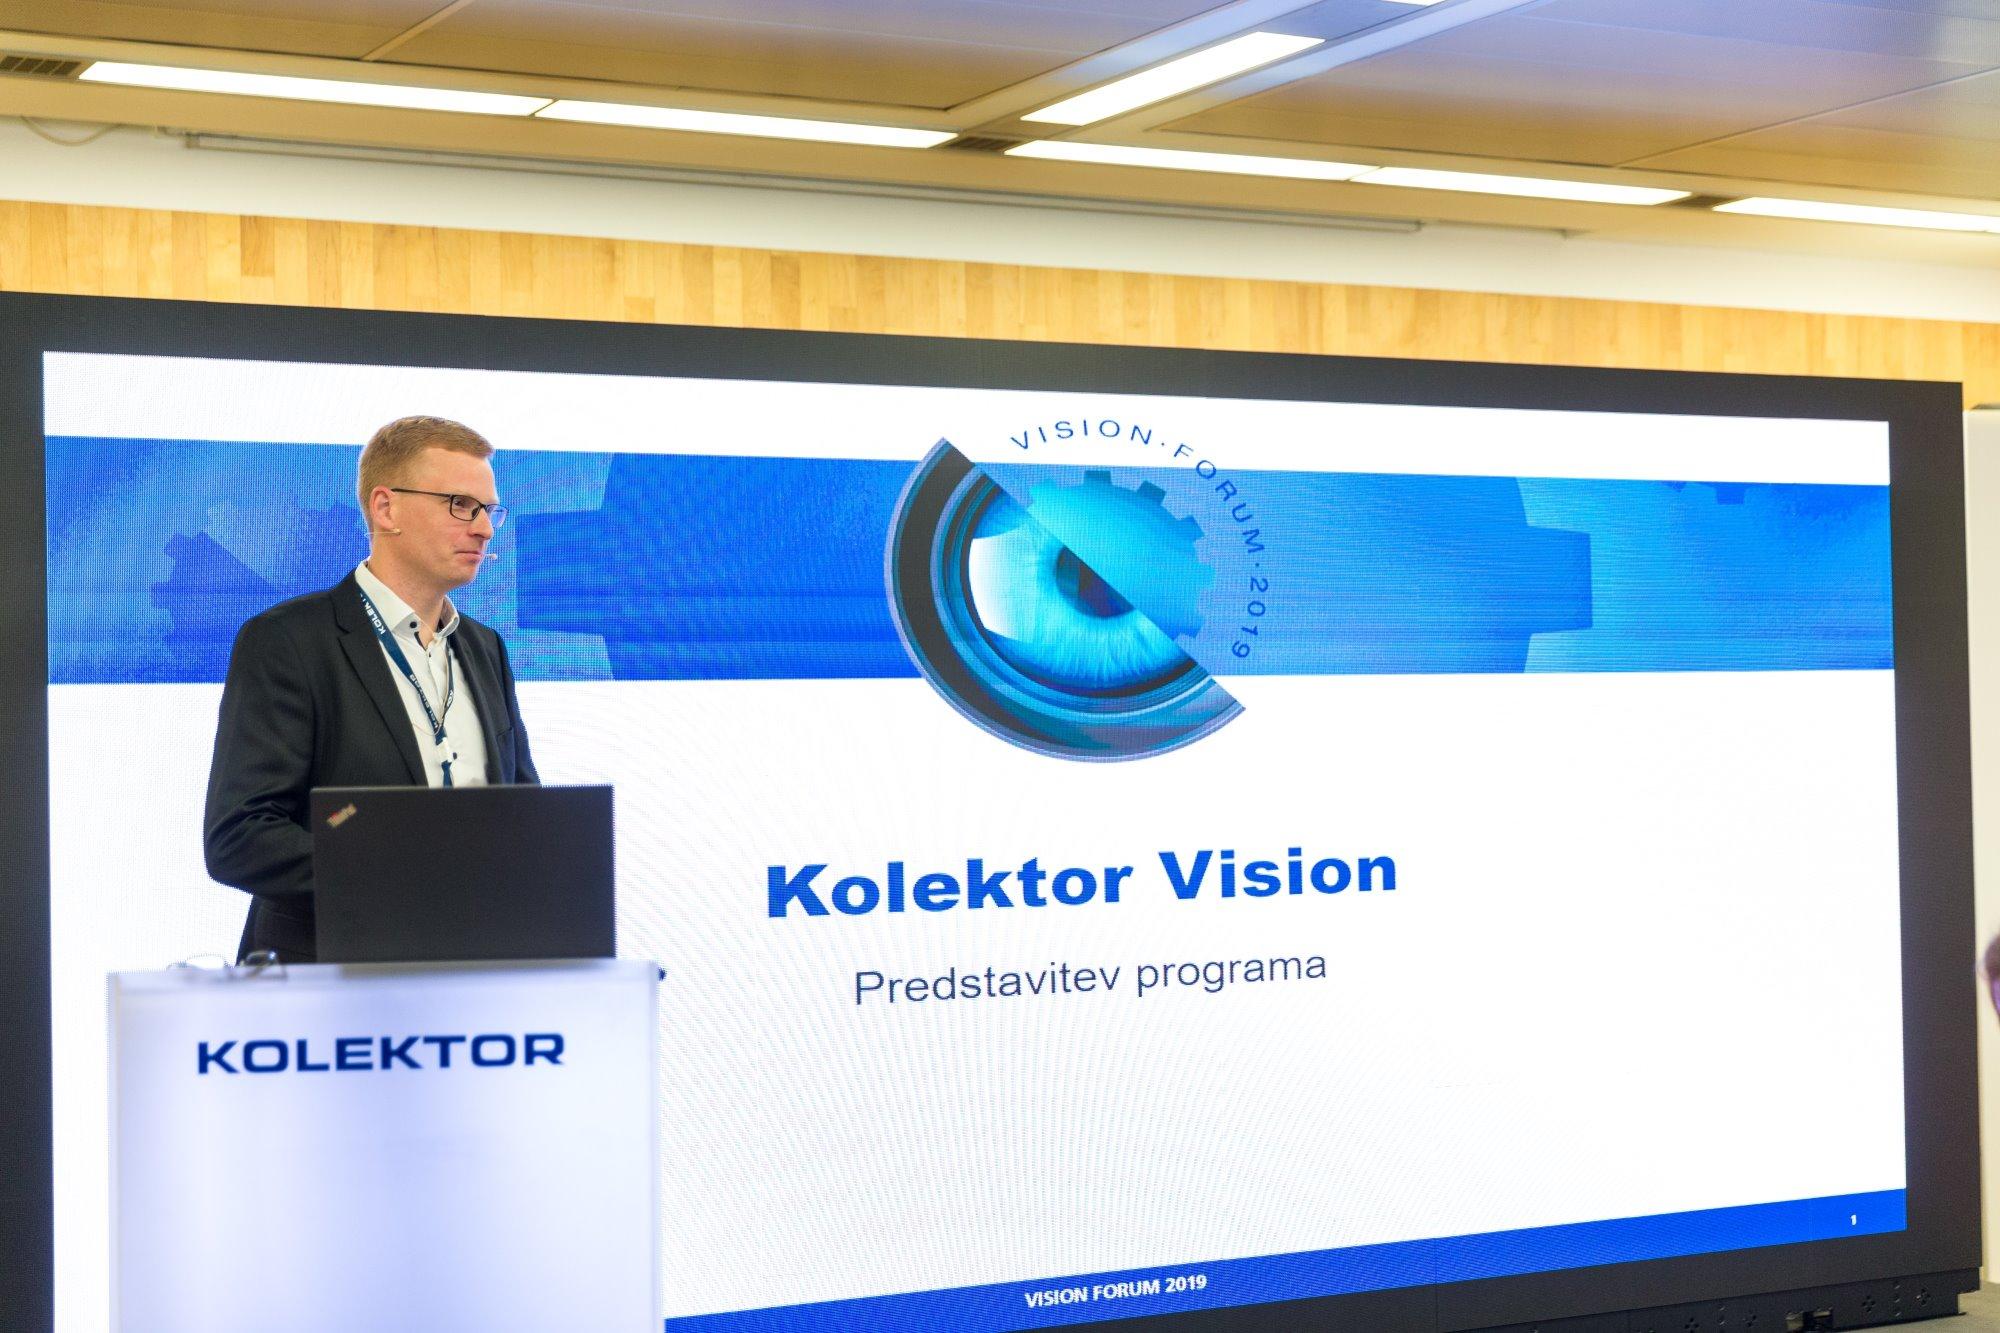 Vision Forum 2019